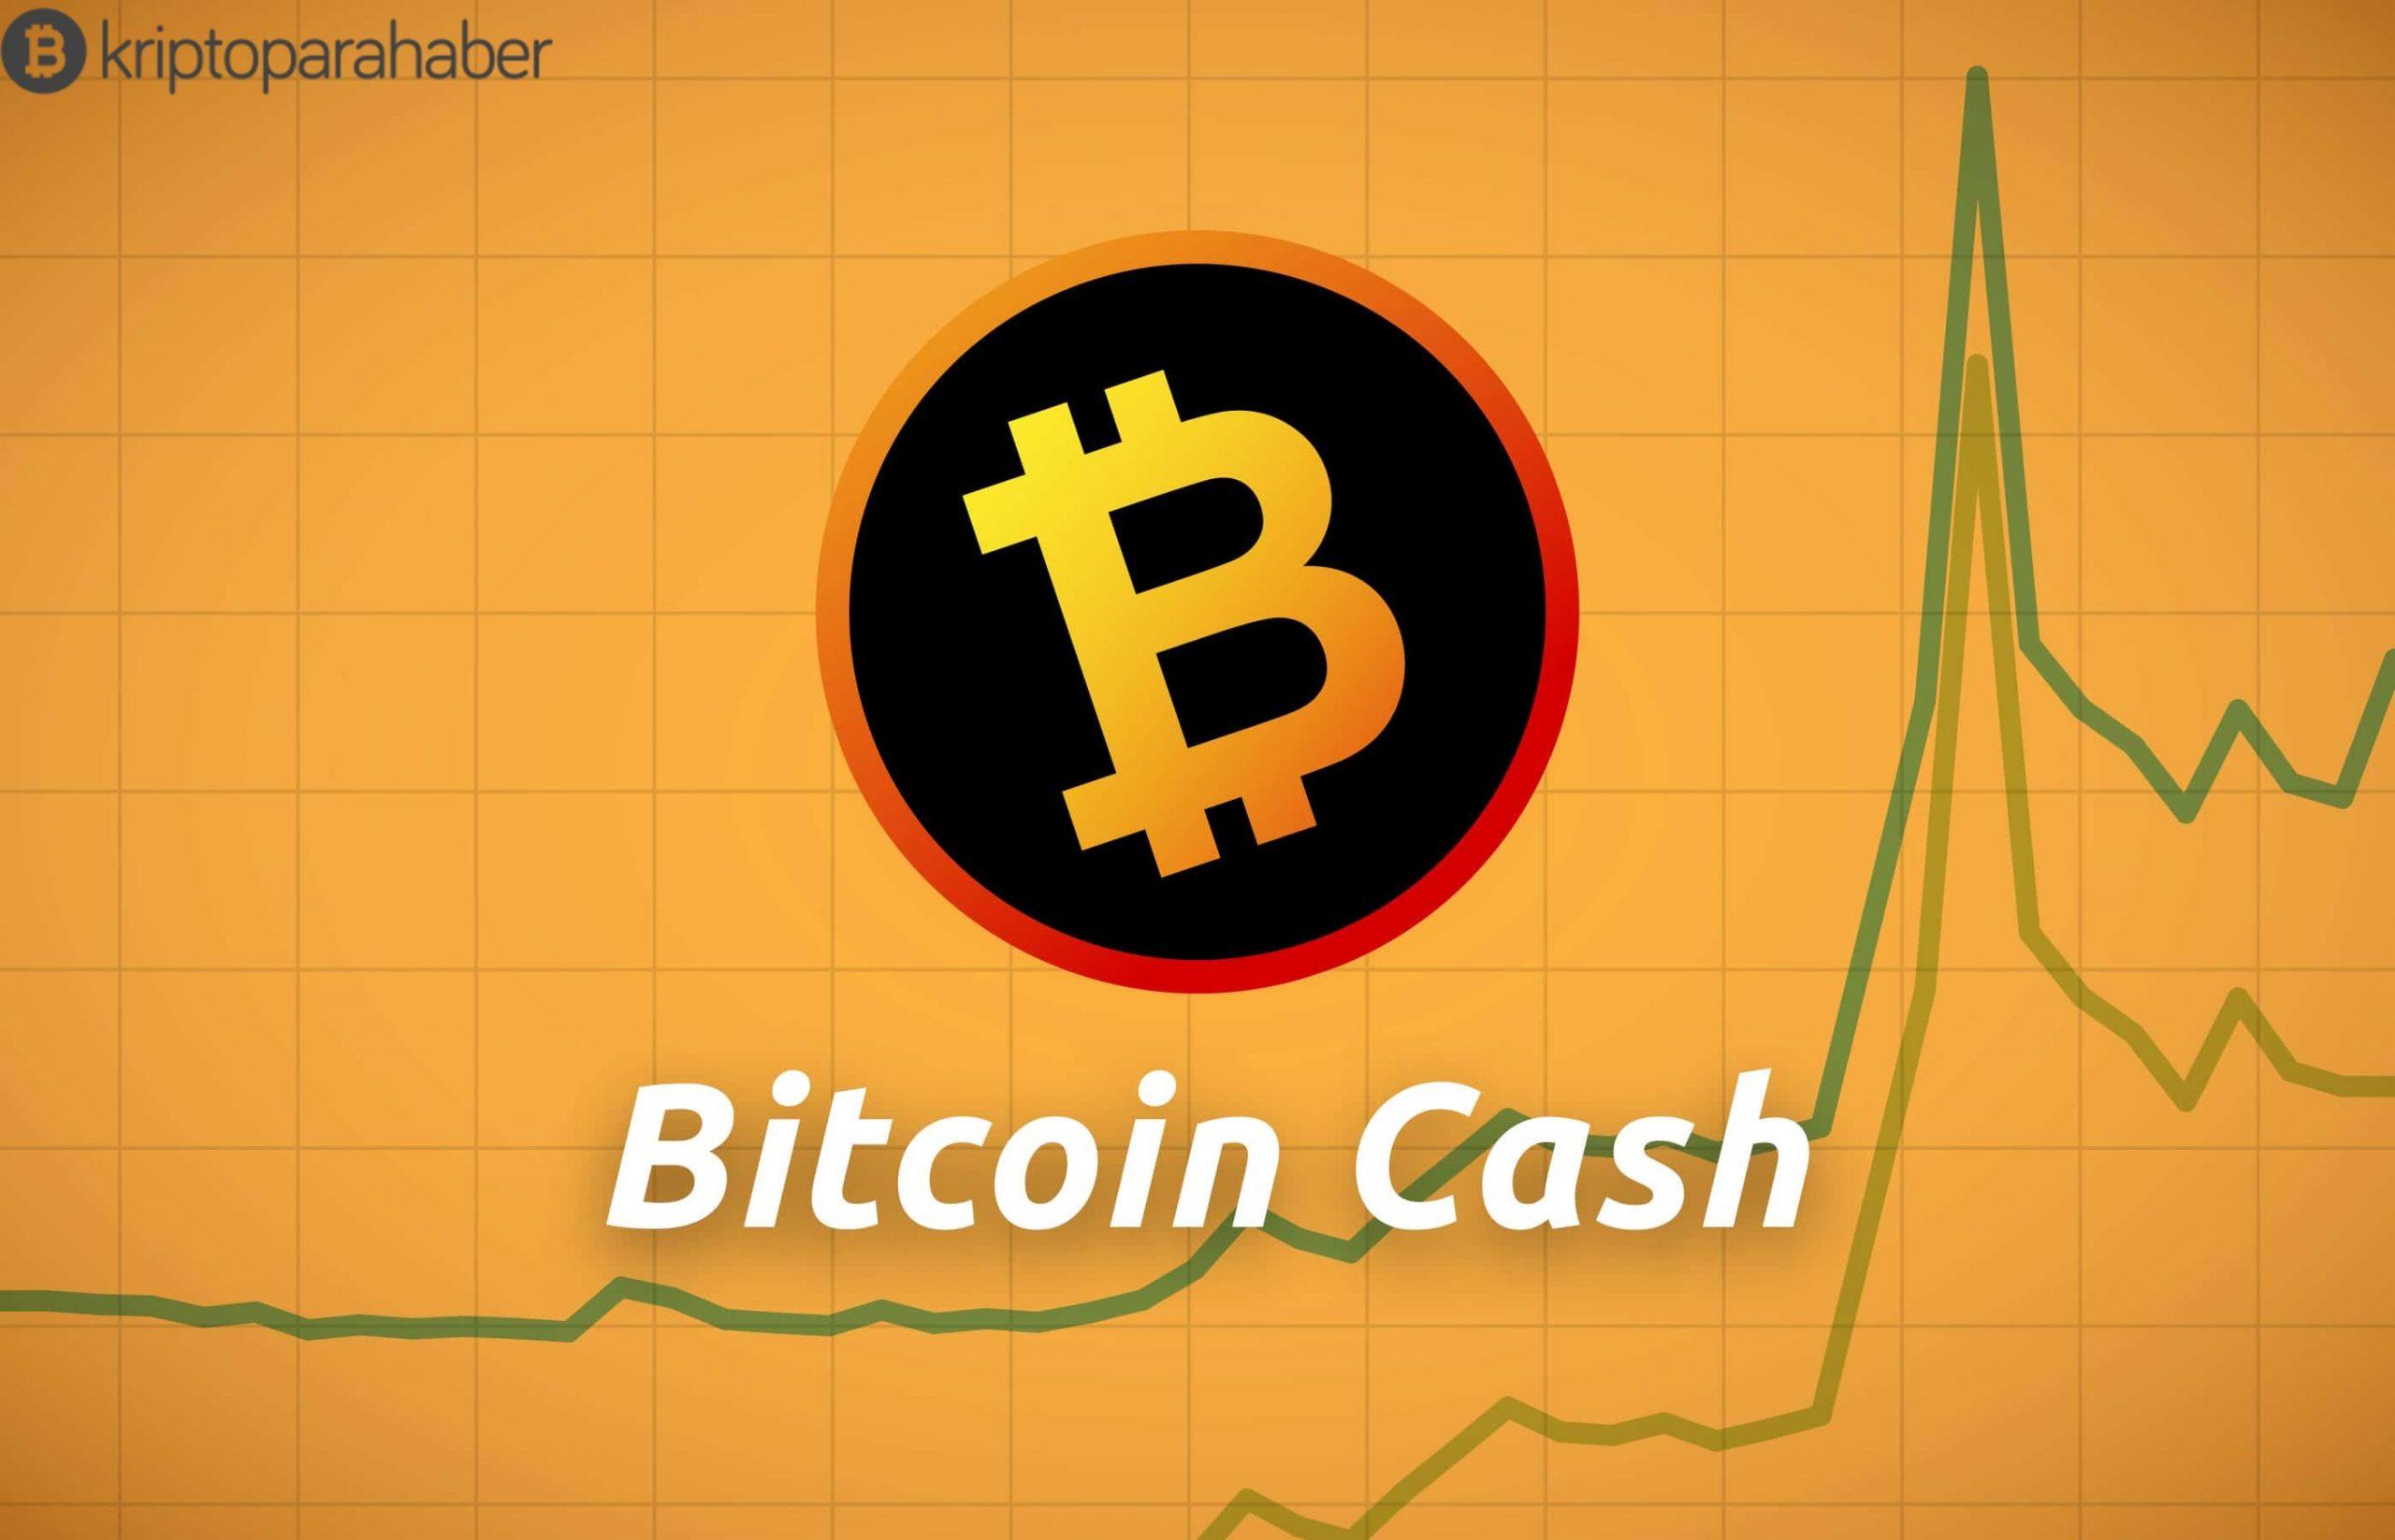 Bitcoin Cash yatırımcıların beklentileriyle uyumlu olarak iyileşiyor